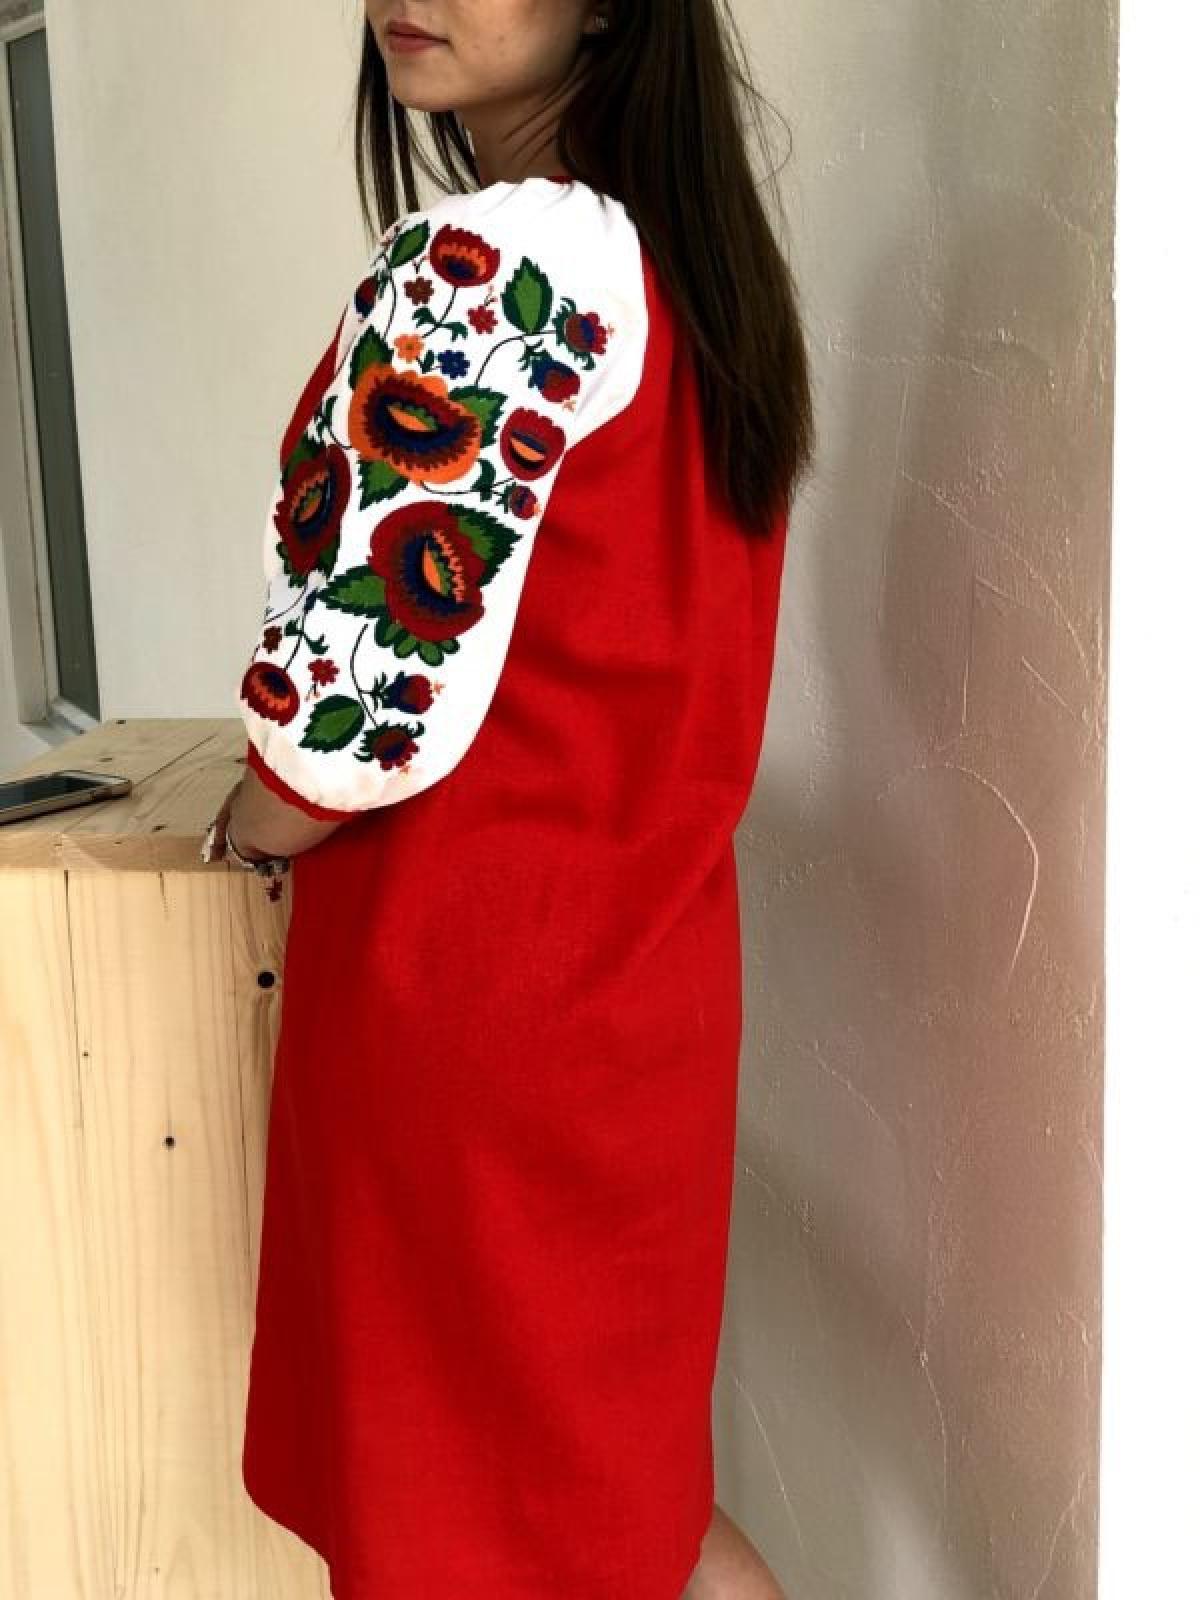 Червоне лляне плаття. Фото №2. | Народний дім Україна